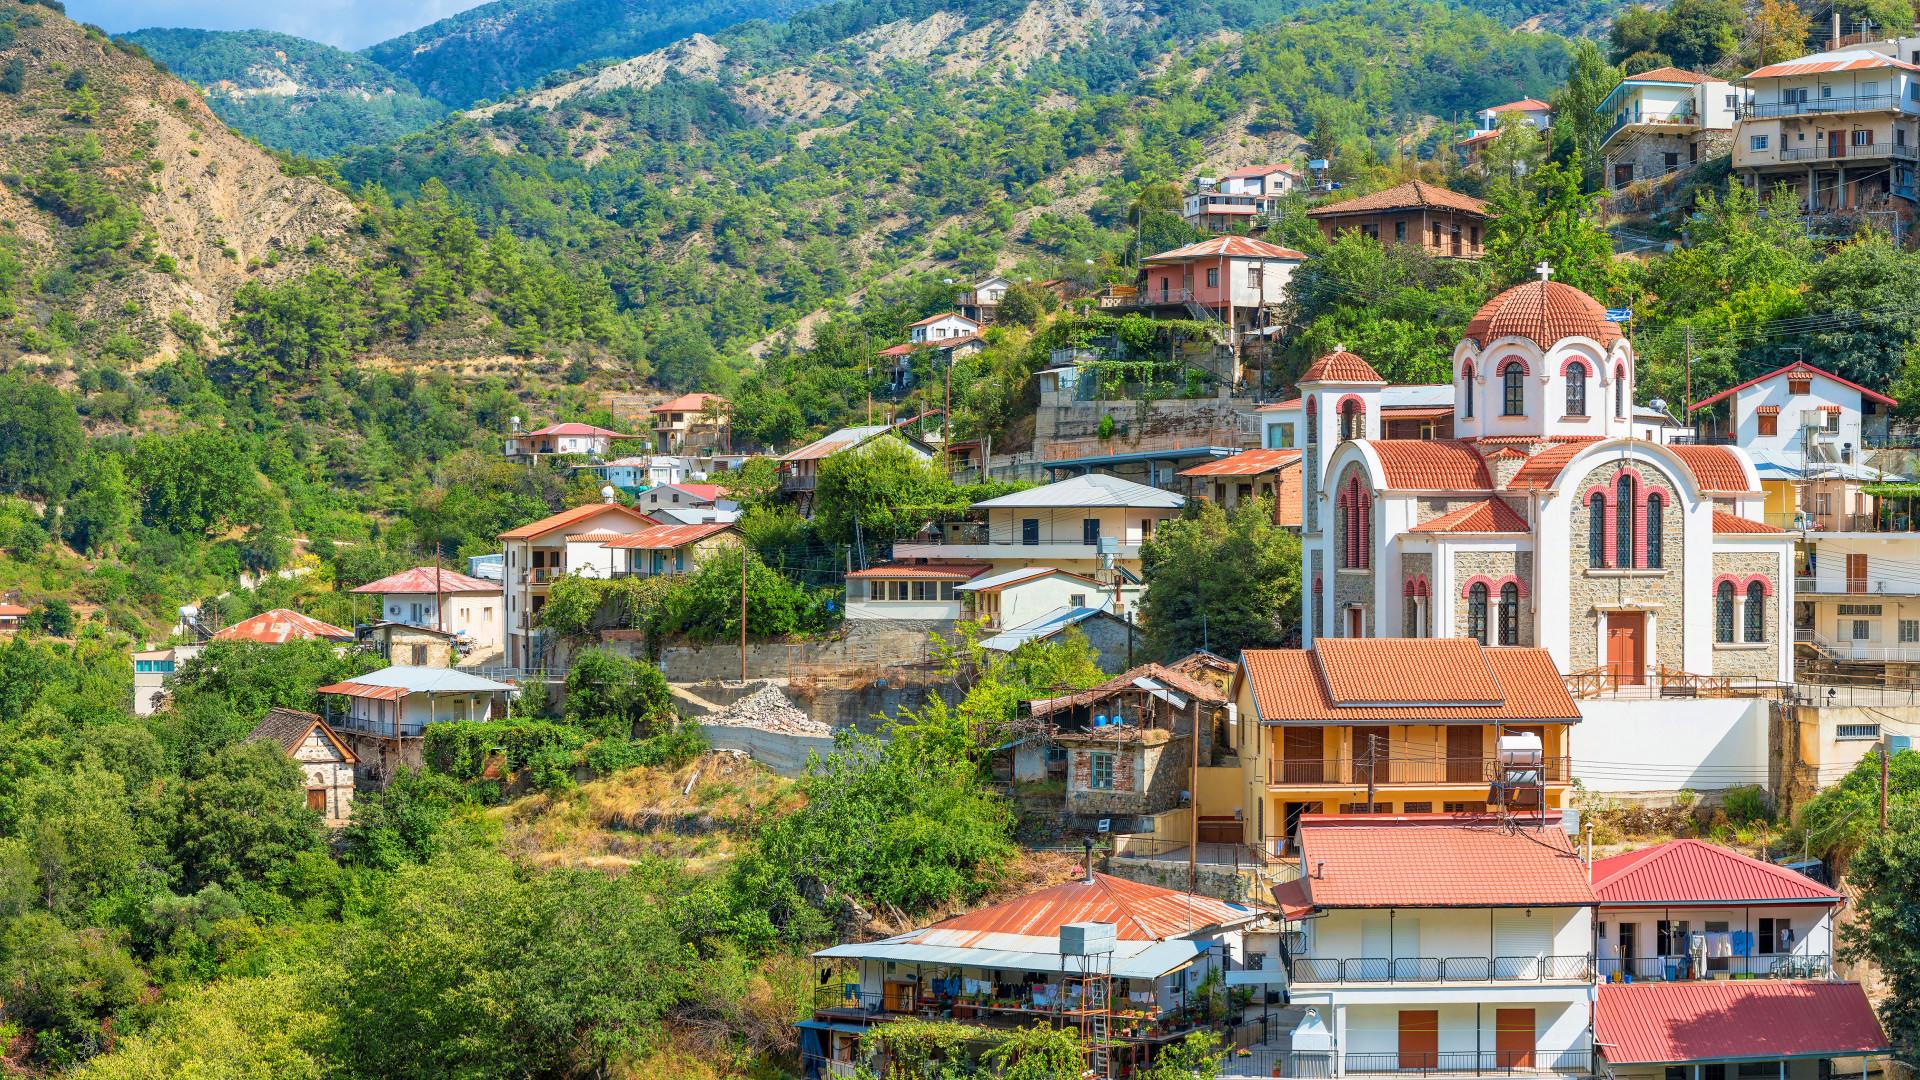 Uitzicht Moutoullas met huisjes op de heuvel, Troodosgebergte, Cyprus